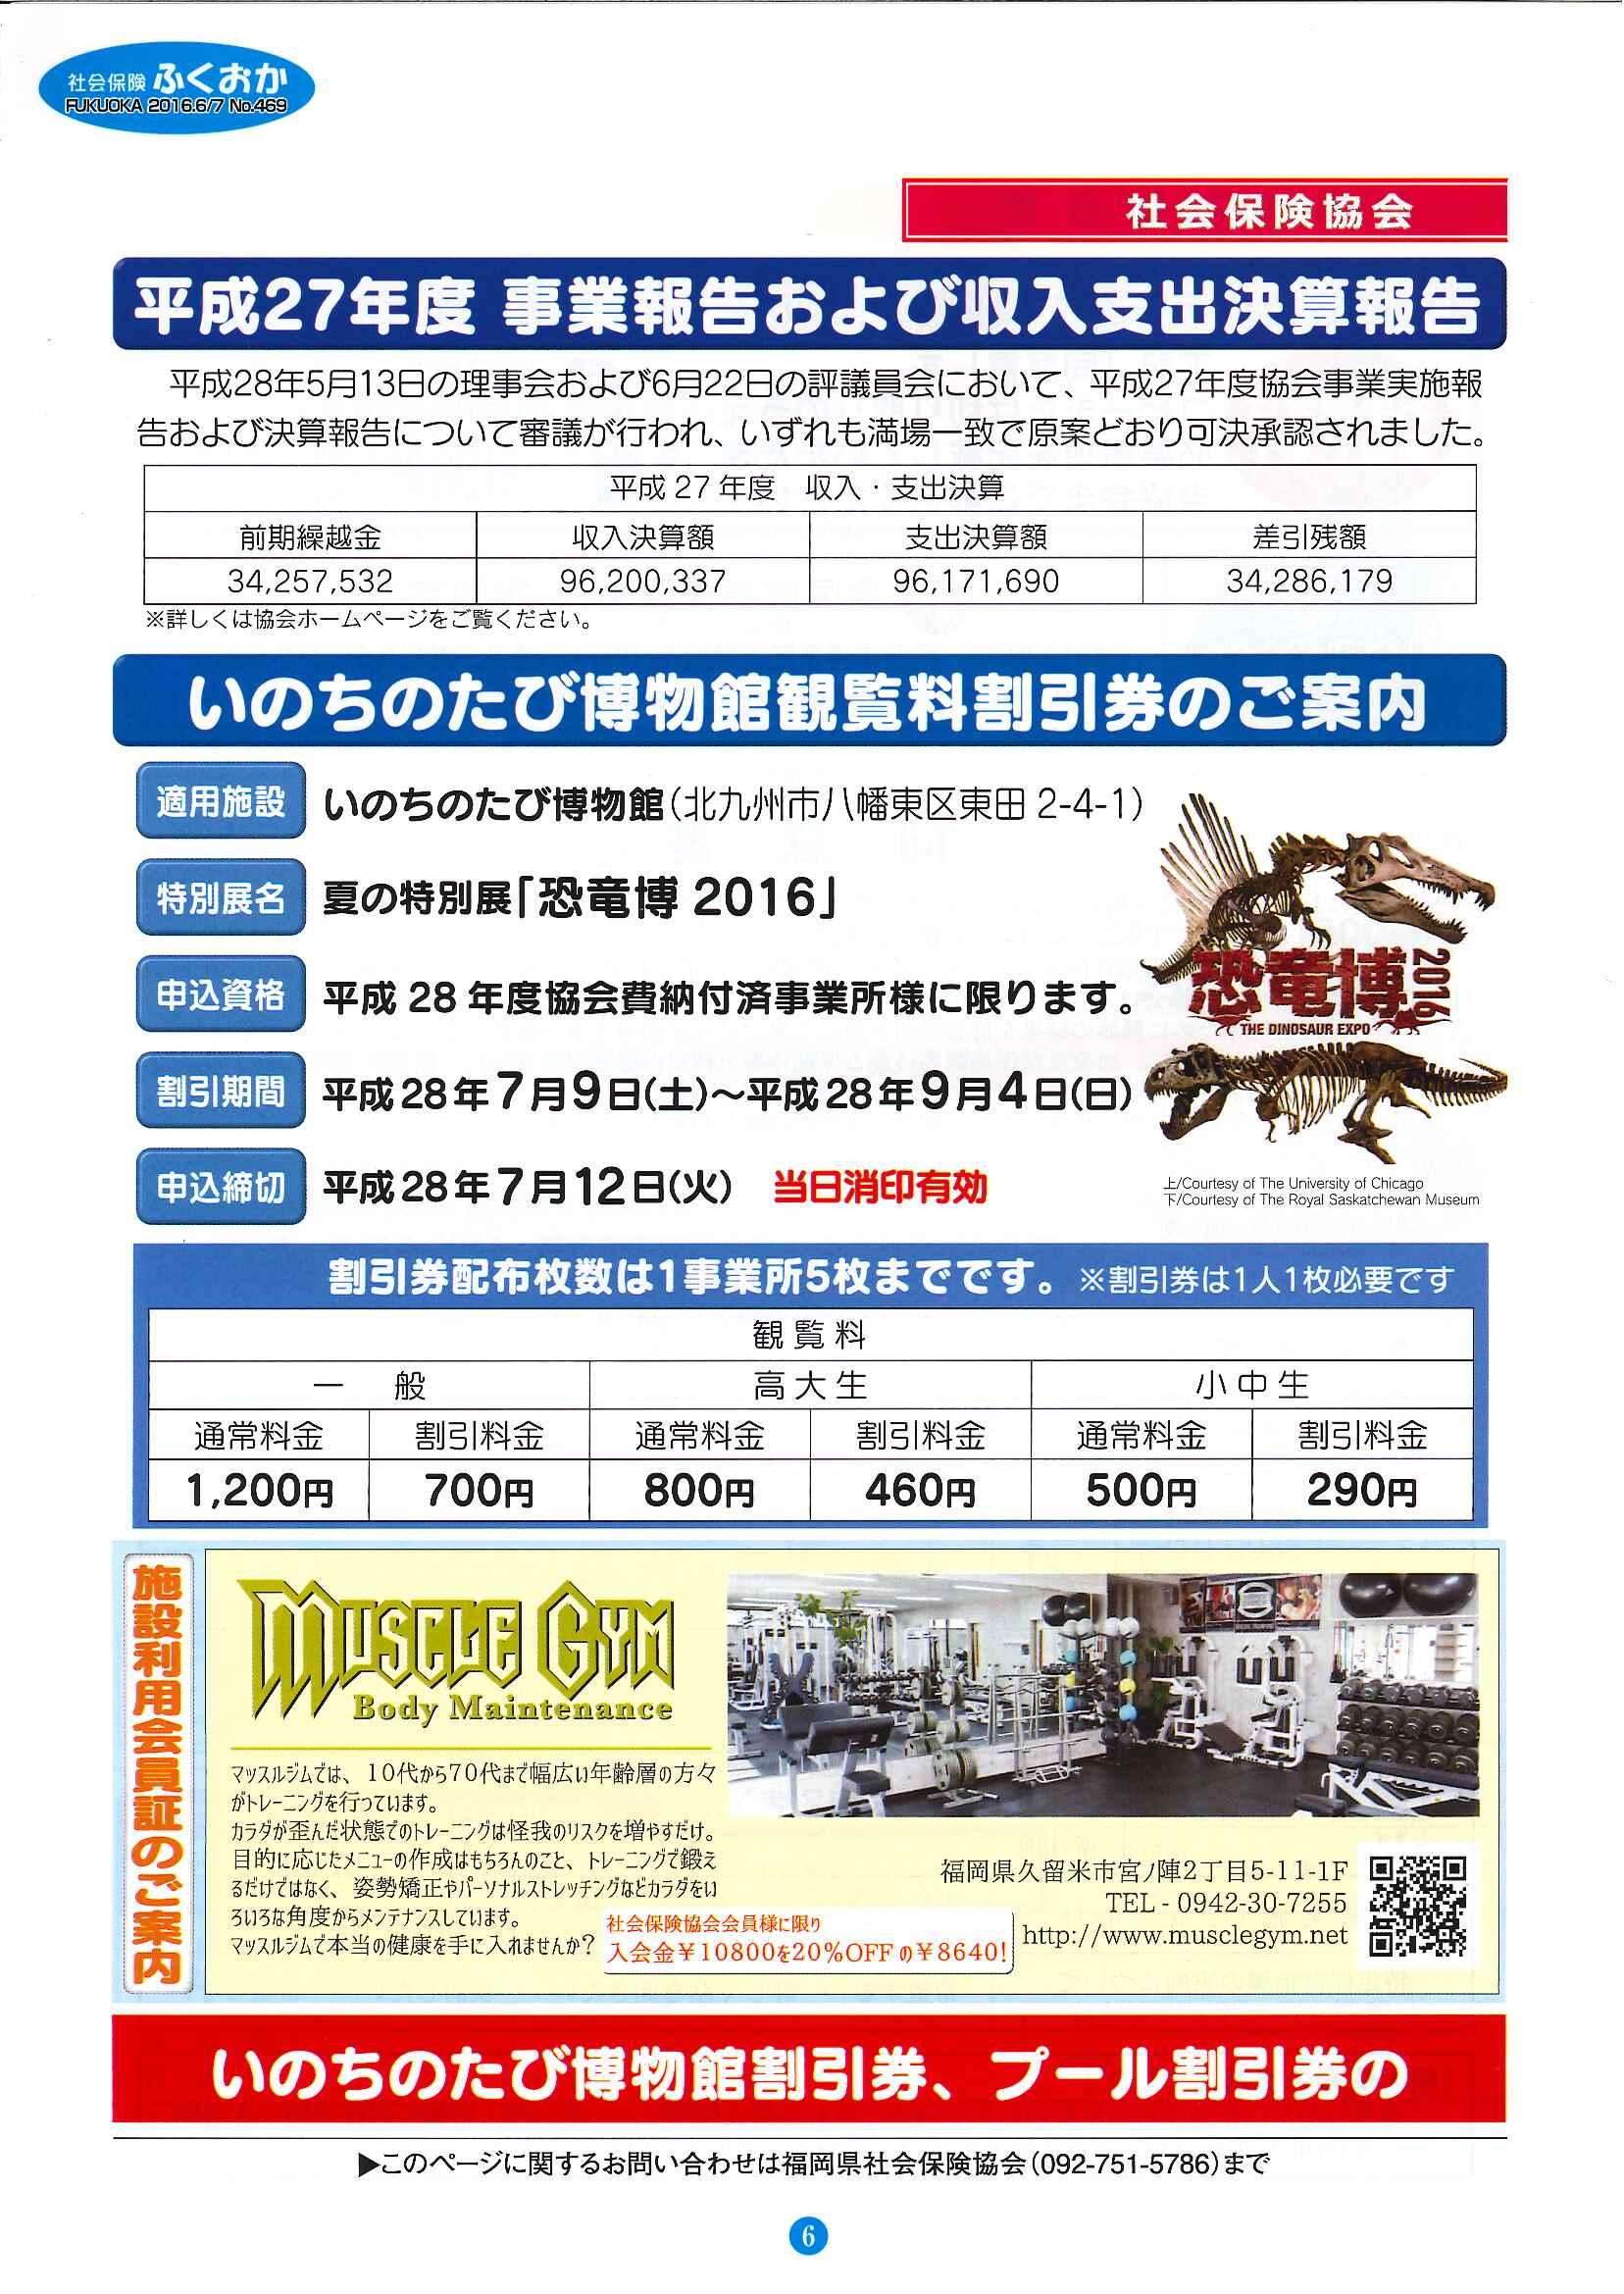 社会保険 ふくおか 2016年6・7月号_f0120774_15385523.jpg